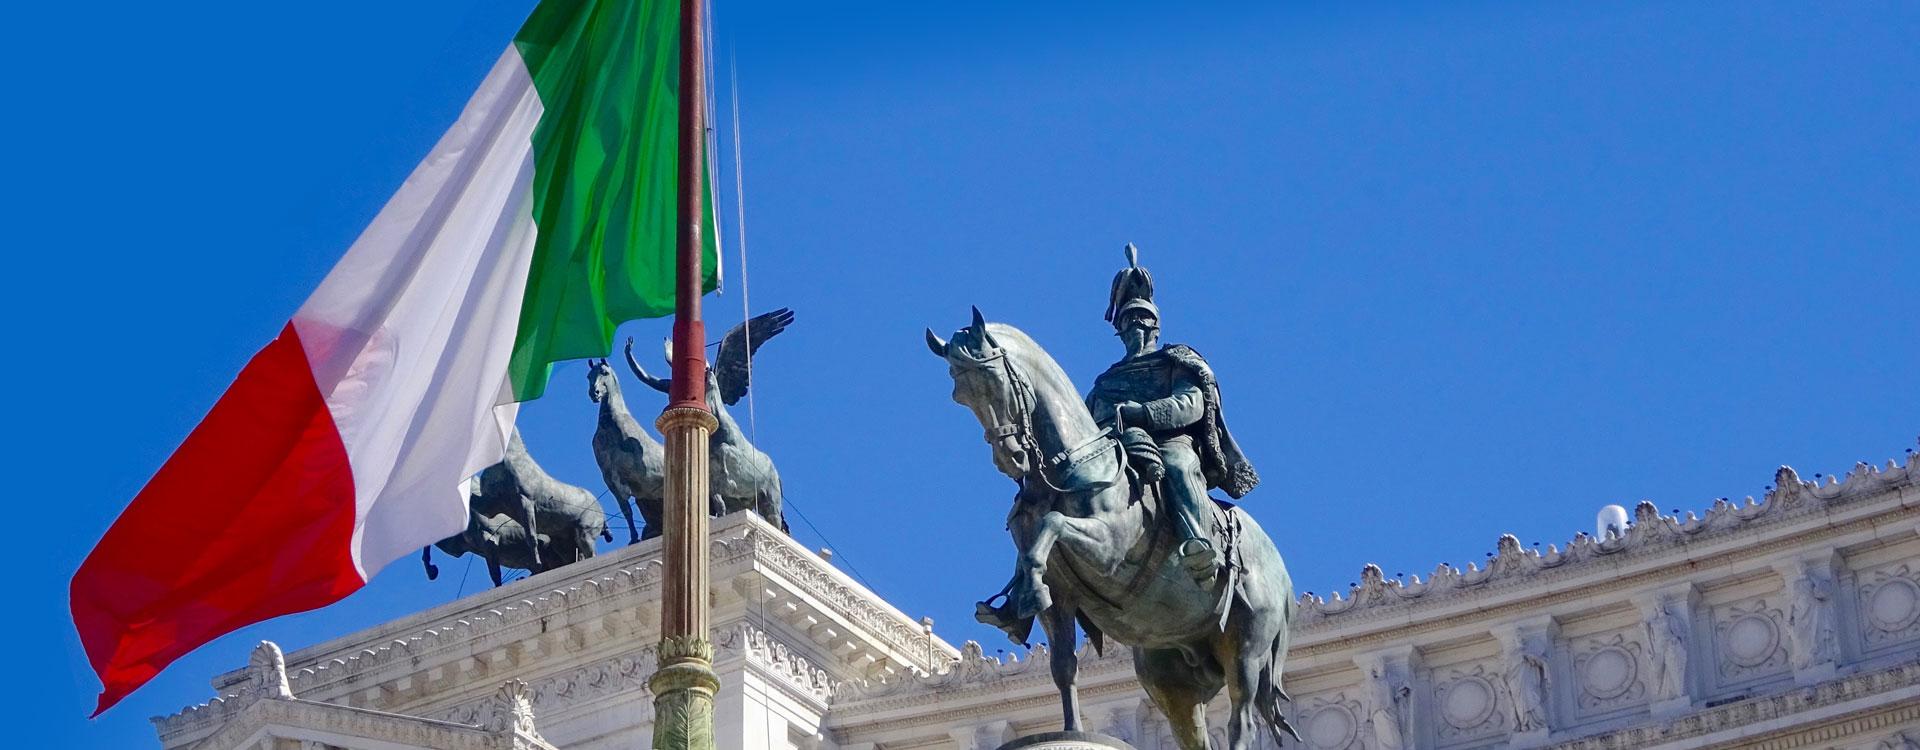 statue of an Italian king near an Italian flag